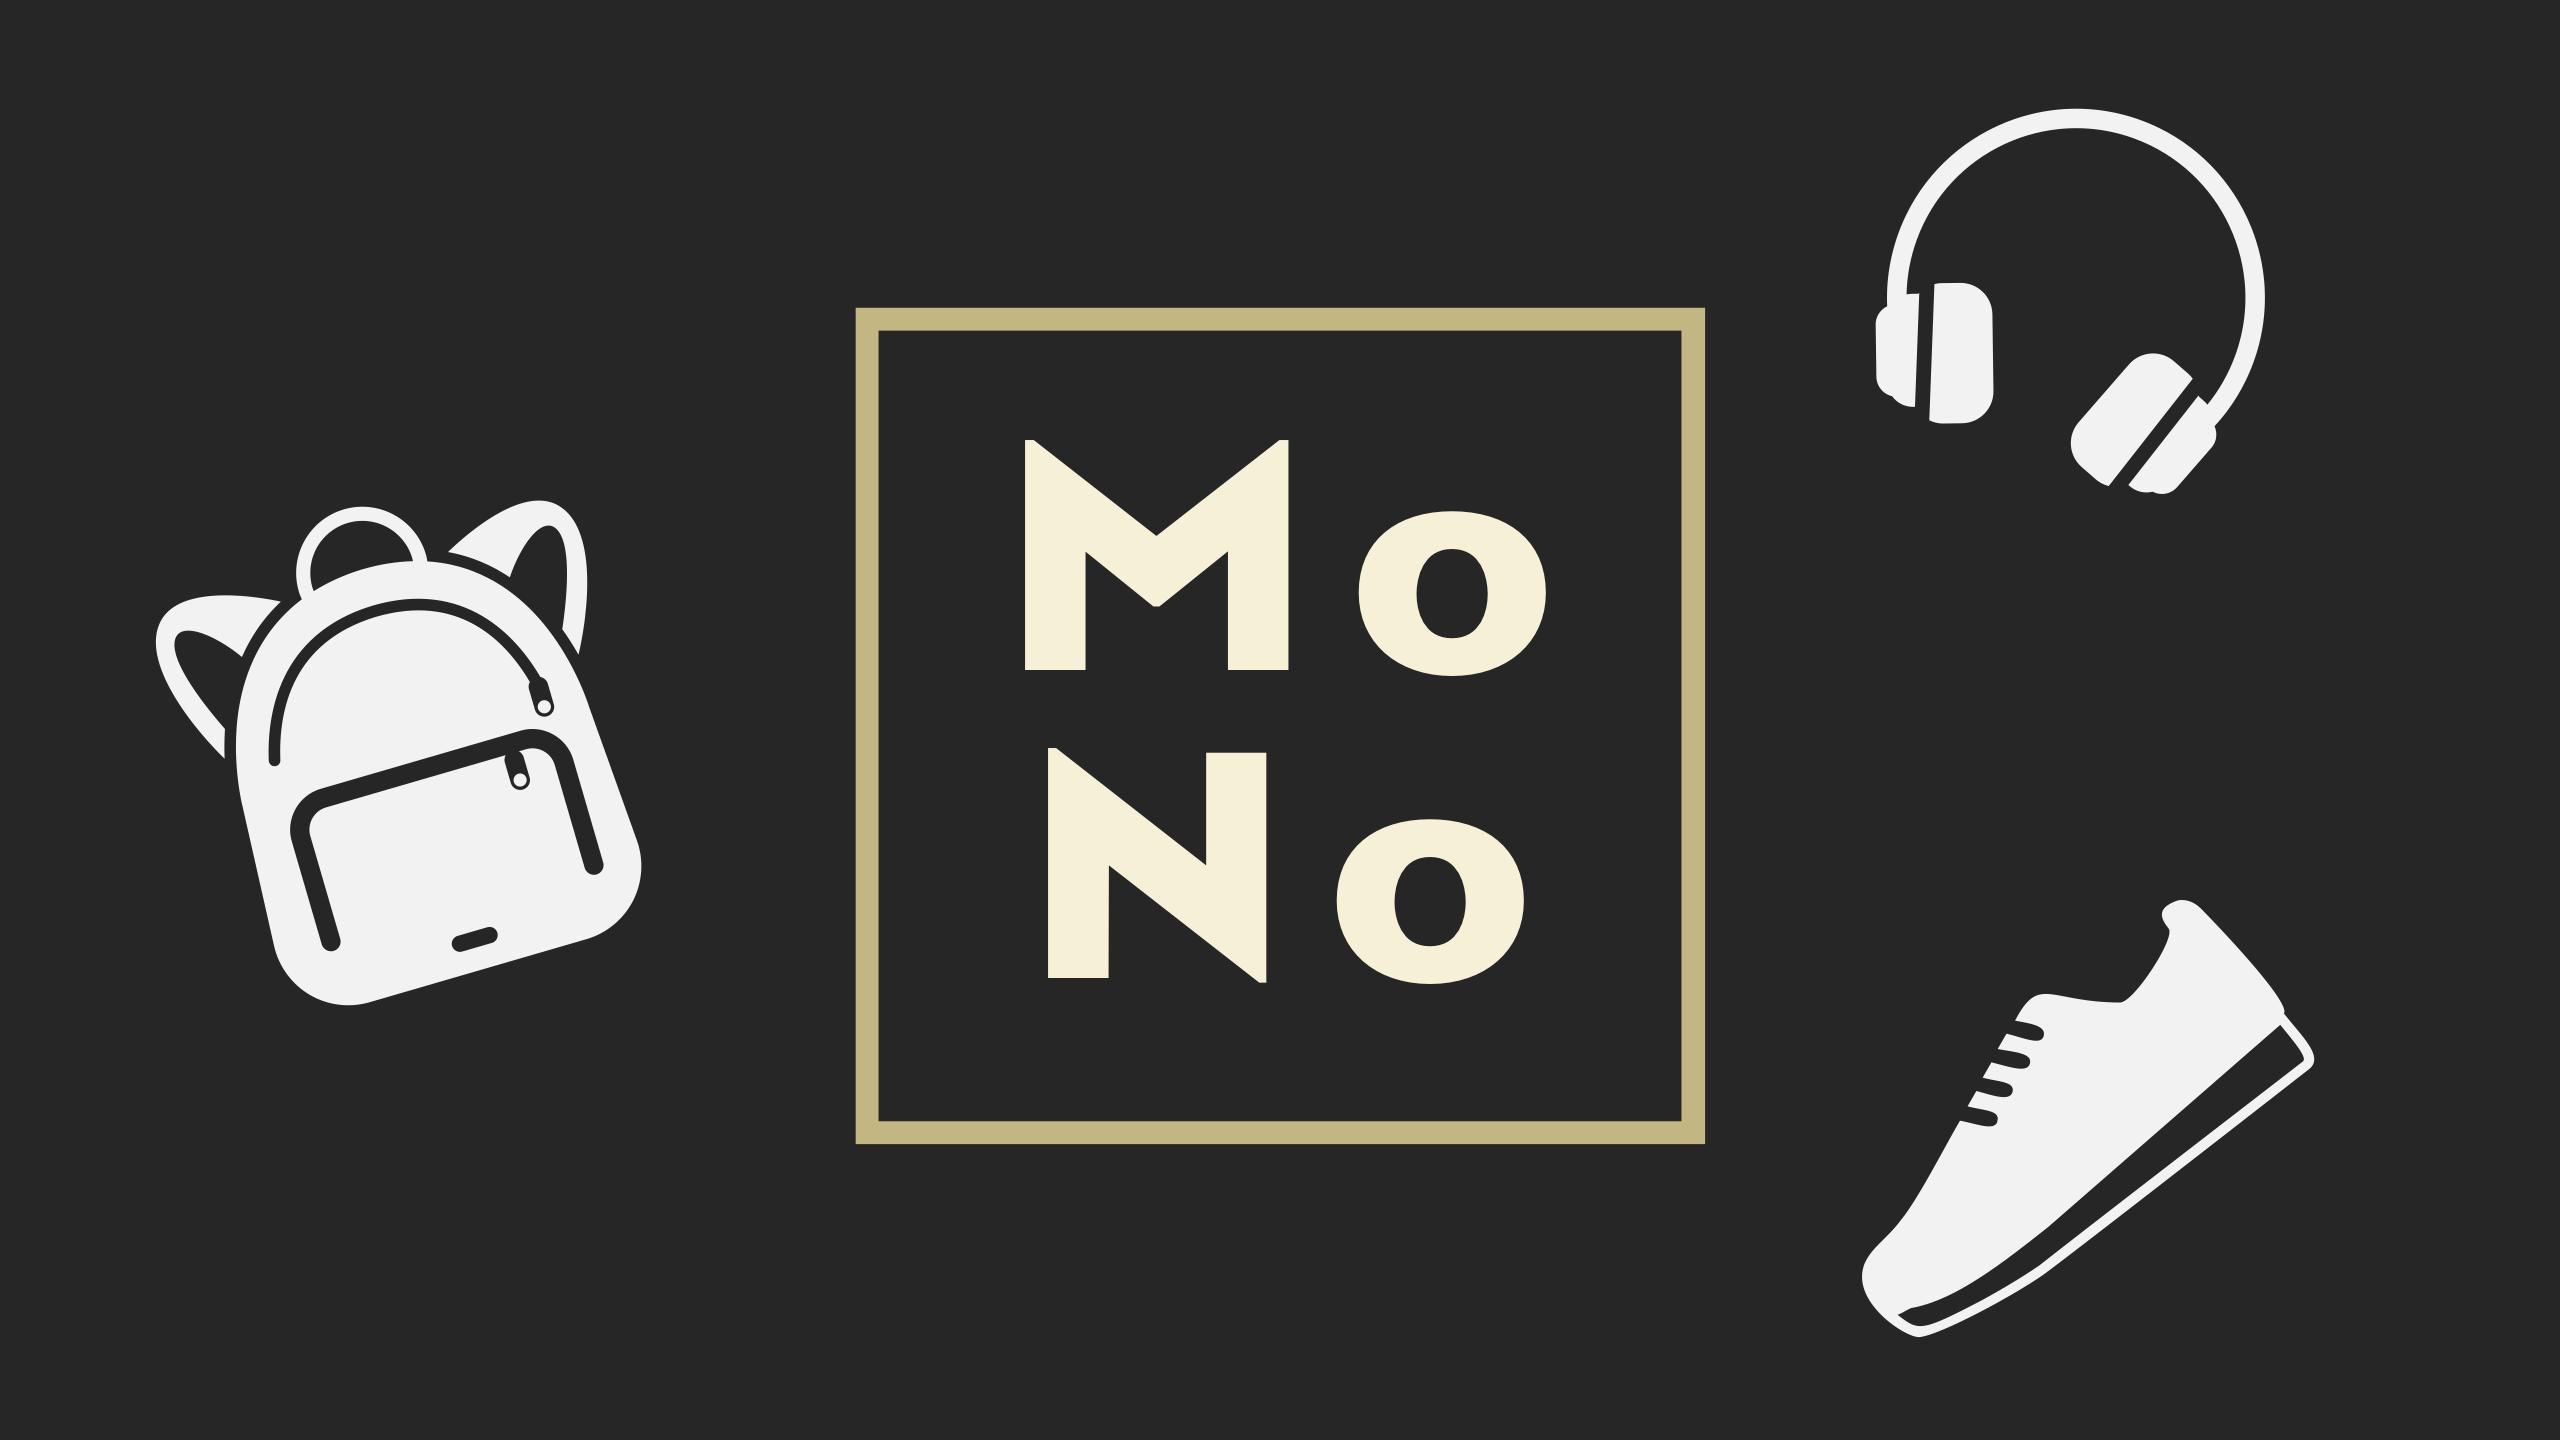 【MoNo5】当ブログMoNomad(モノマド)で人気なモノ5選をご紹介!